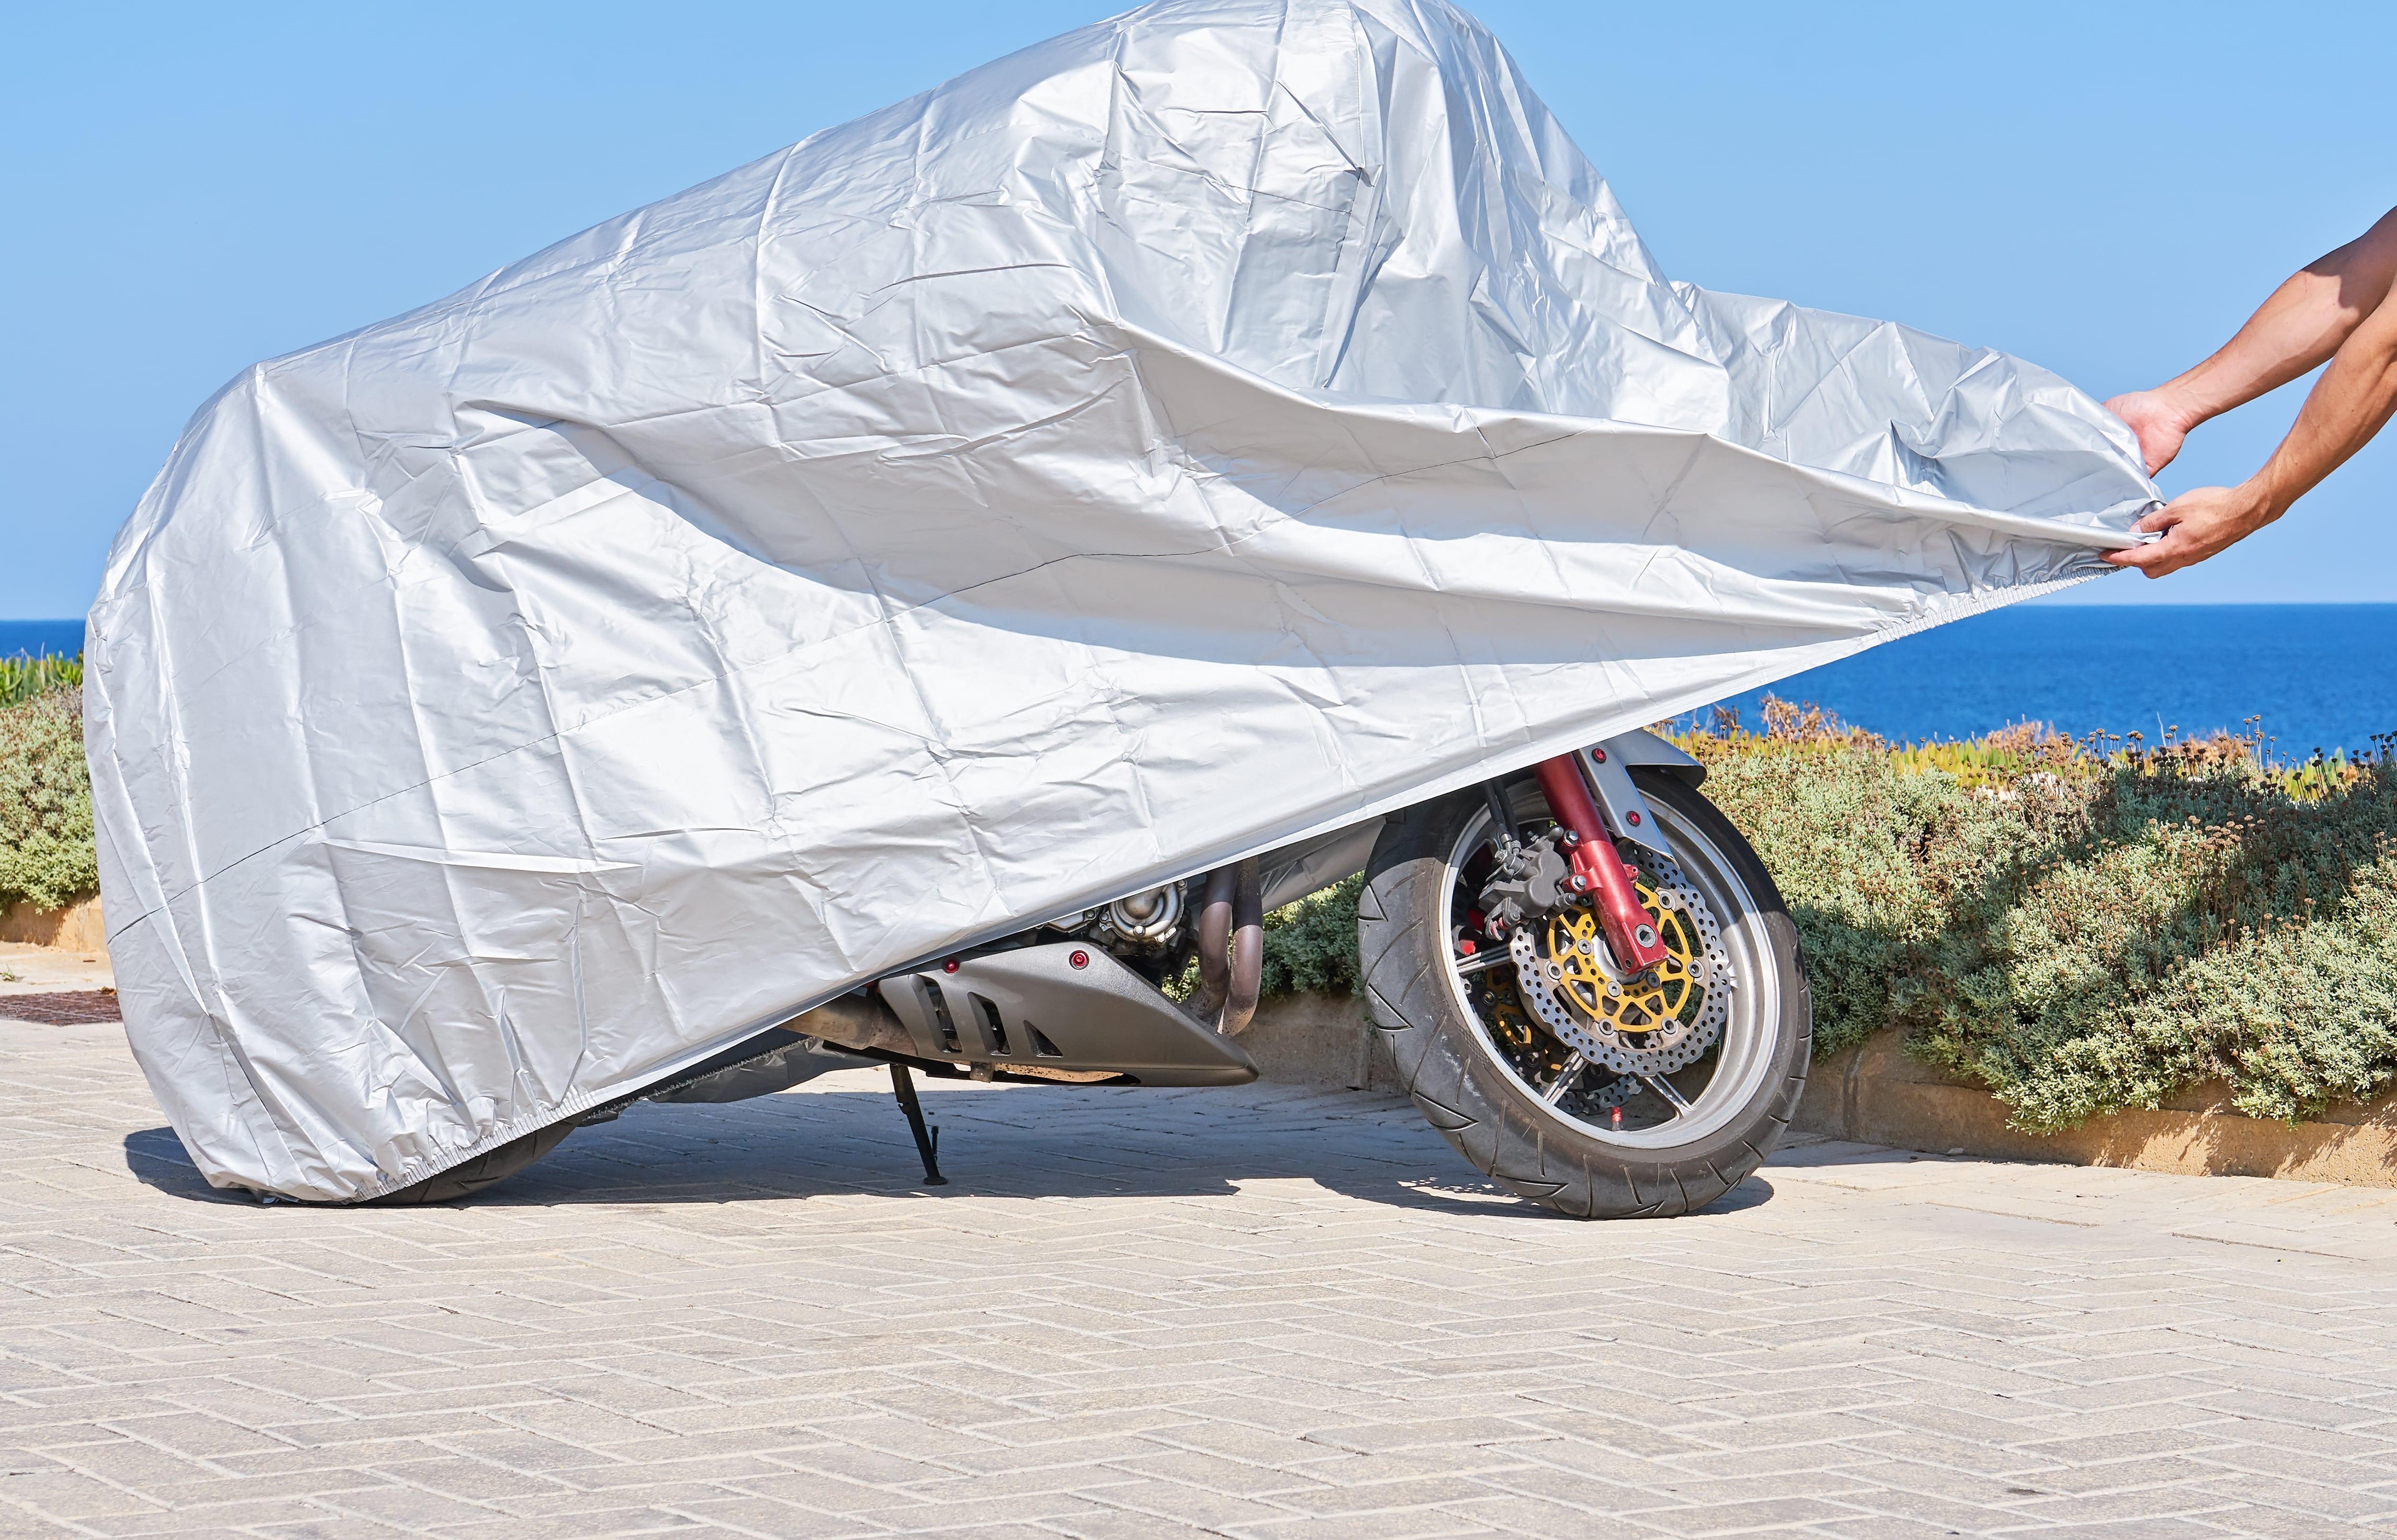 biker-covers-motorcycle-waterproof-cover-silver